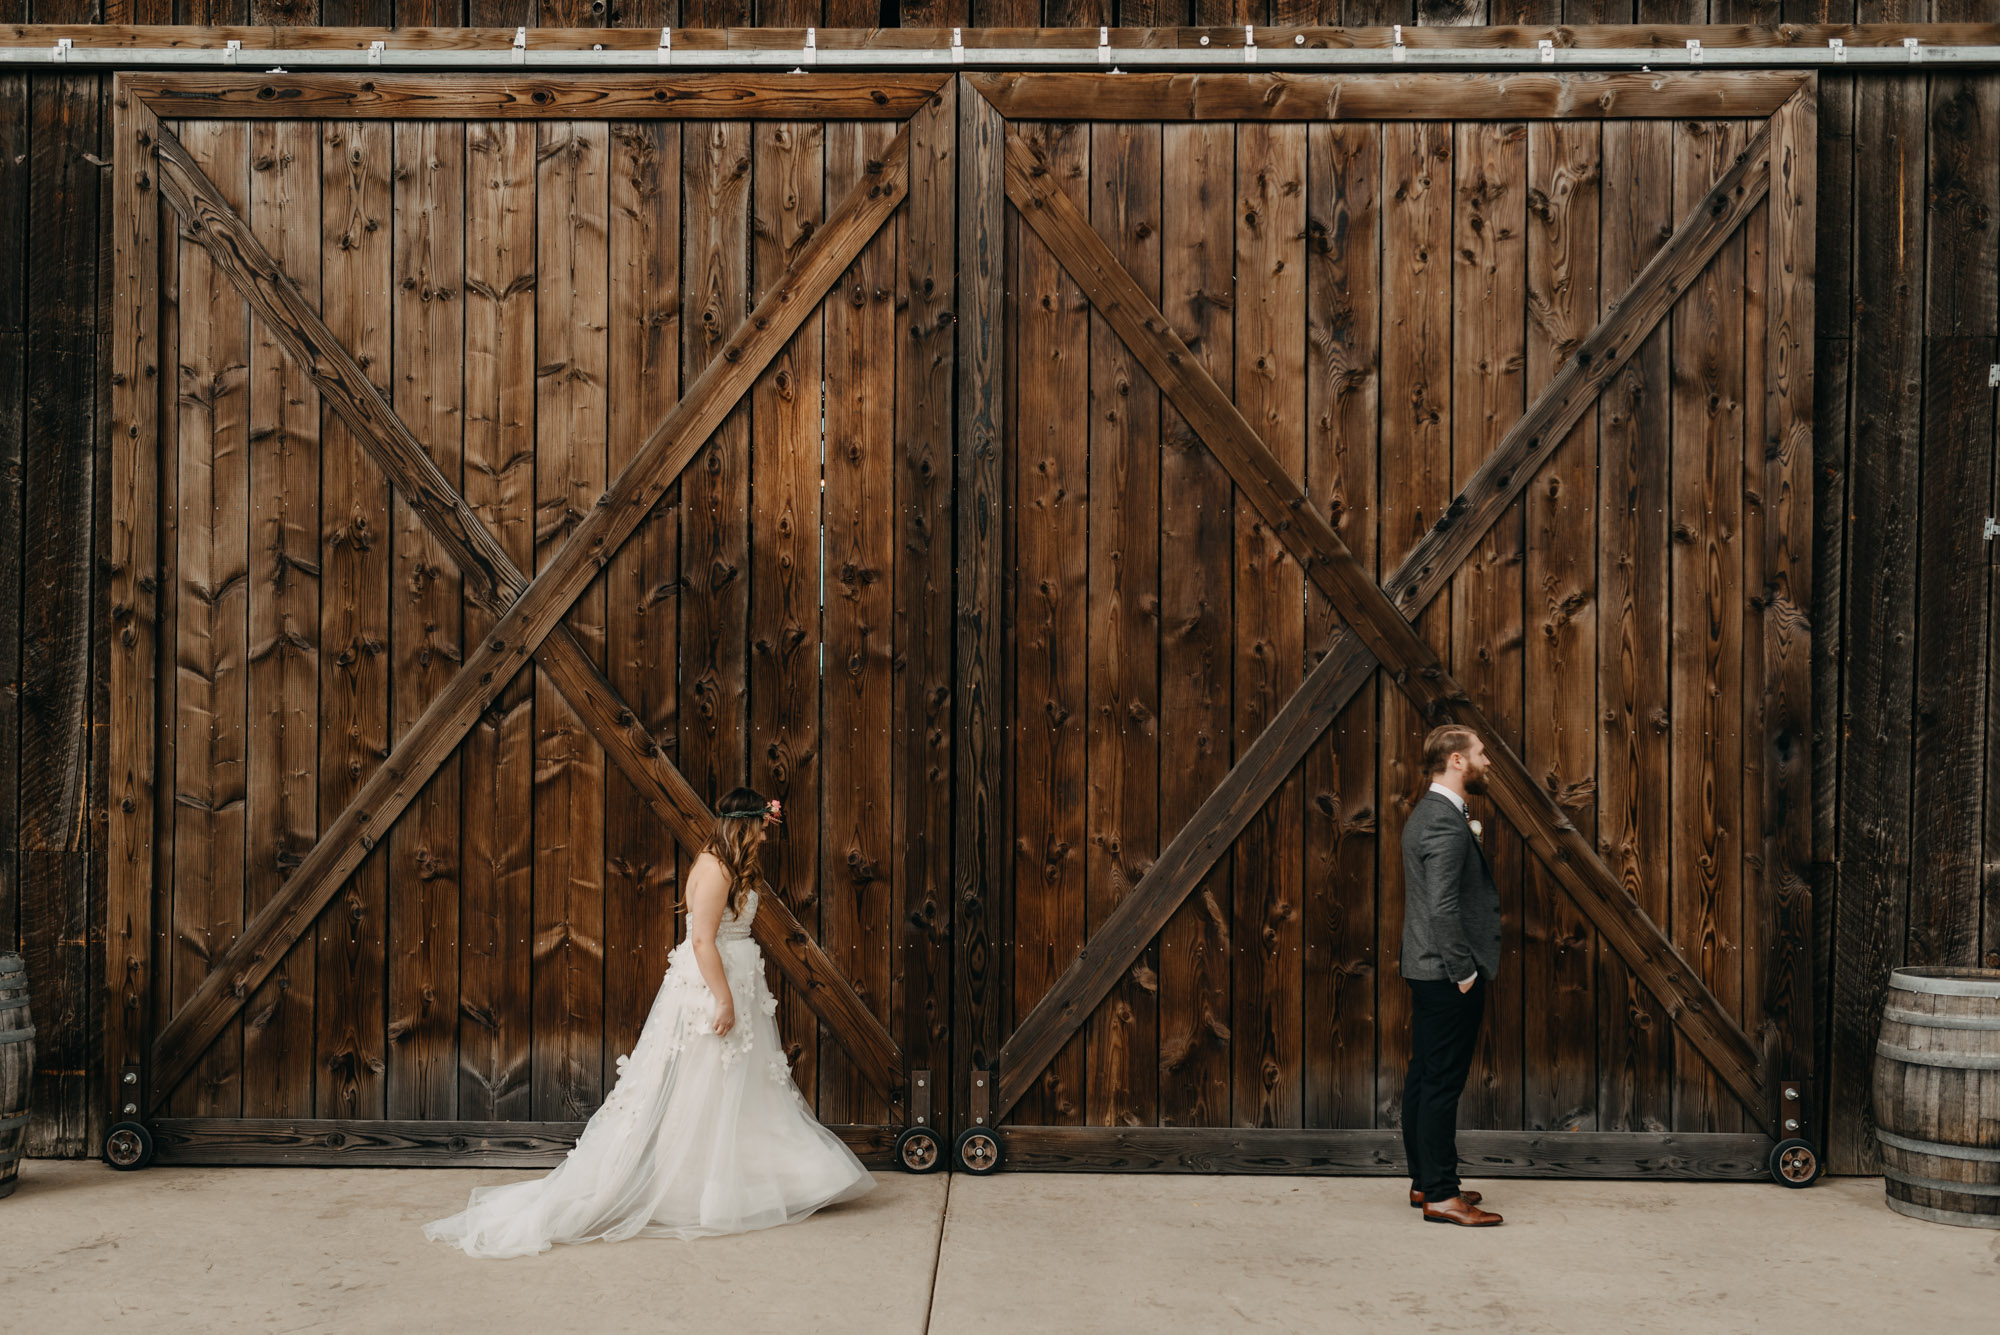 Outdoor-First-Look-Washington-Wedding-Barn-Door-8061.jpg